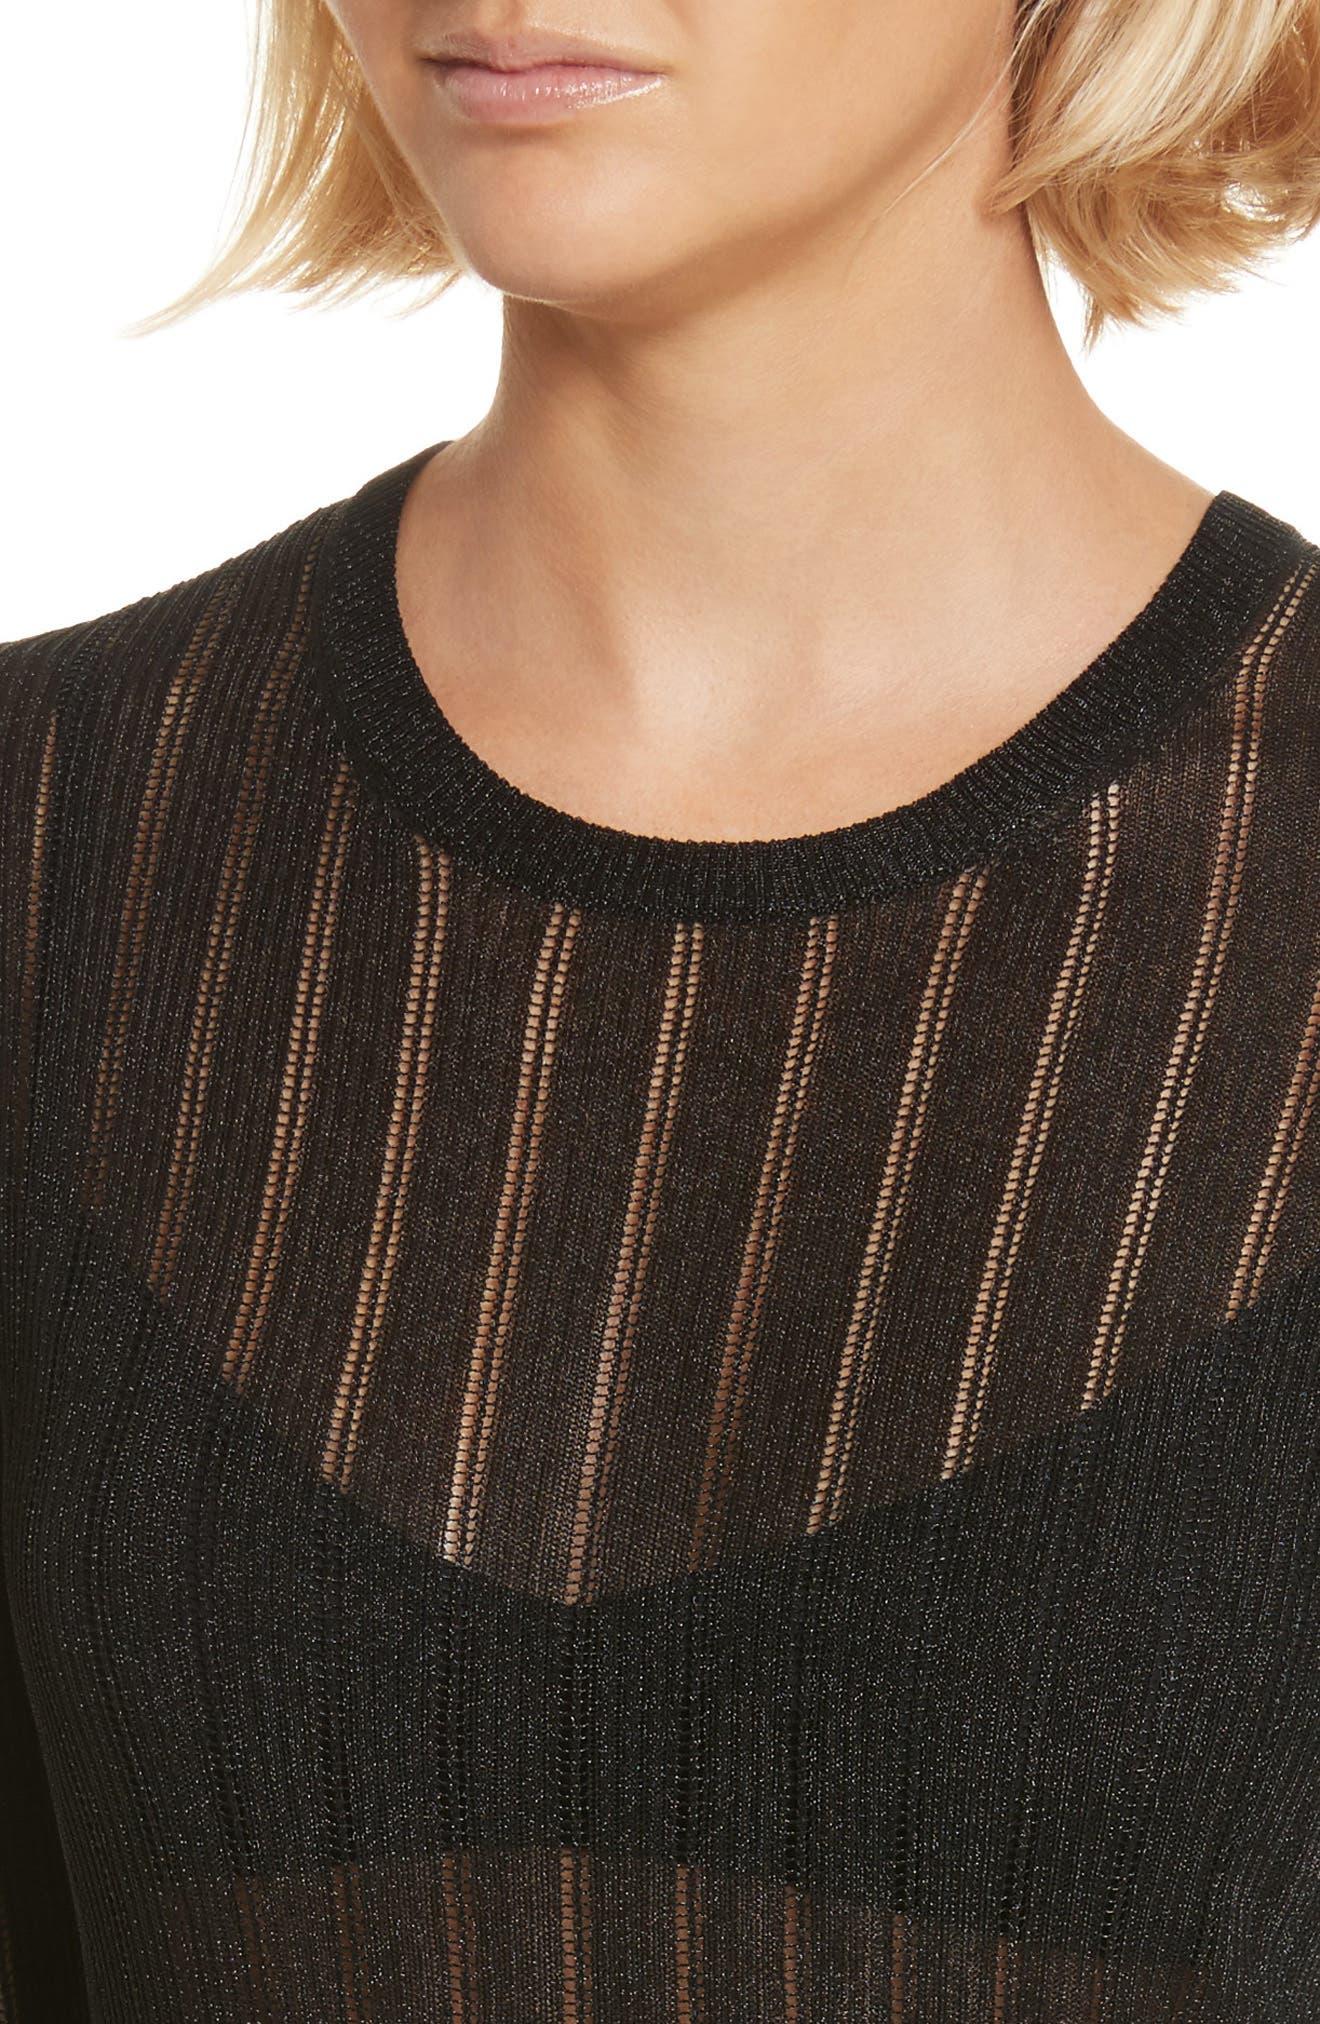 Skogkik Metallic Knit Top,                             Alternate thumbnail 4, color,                             Black